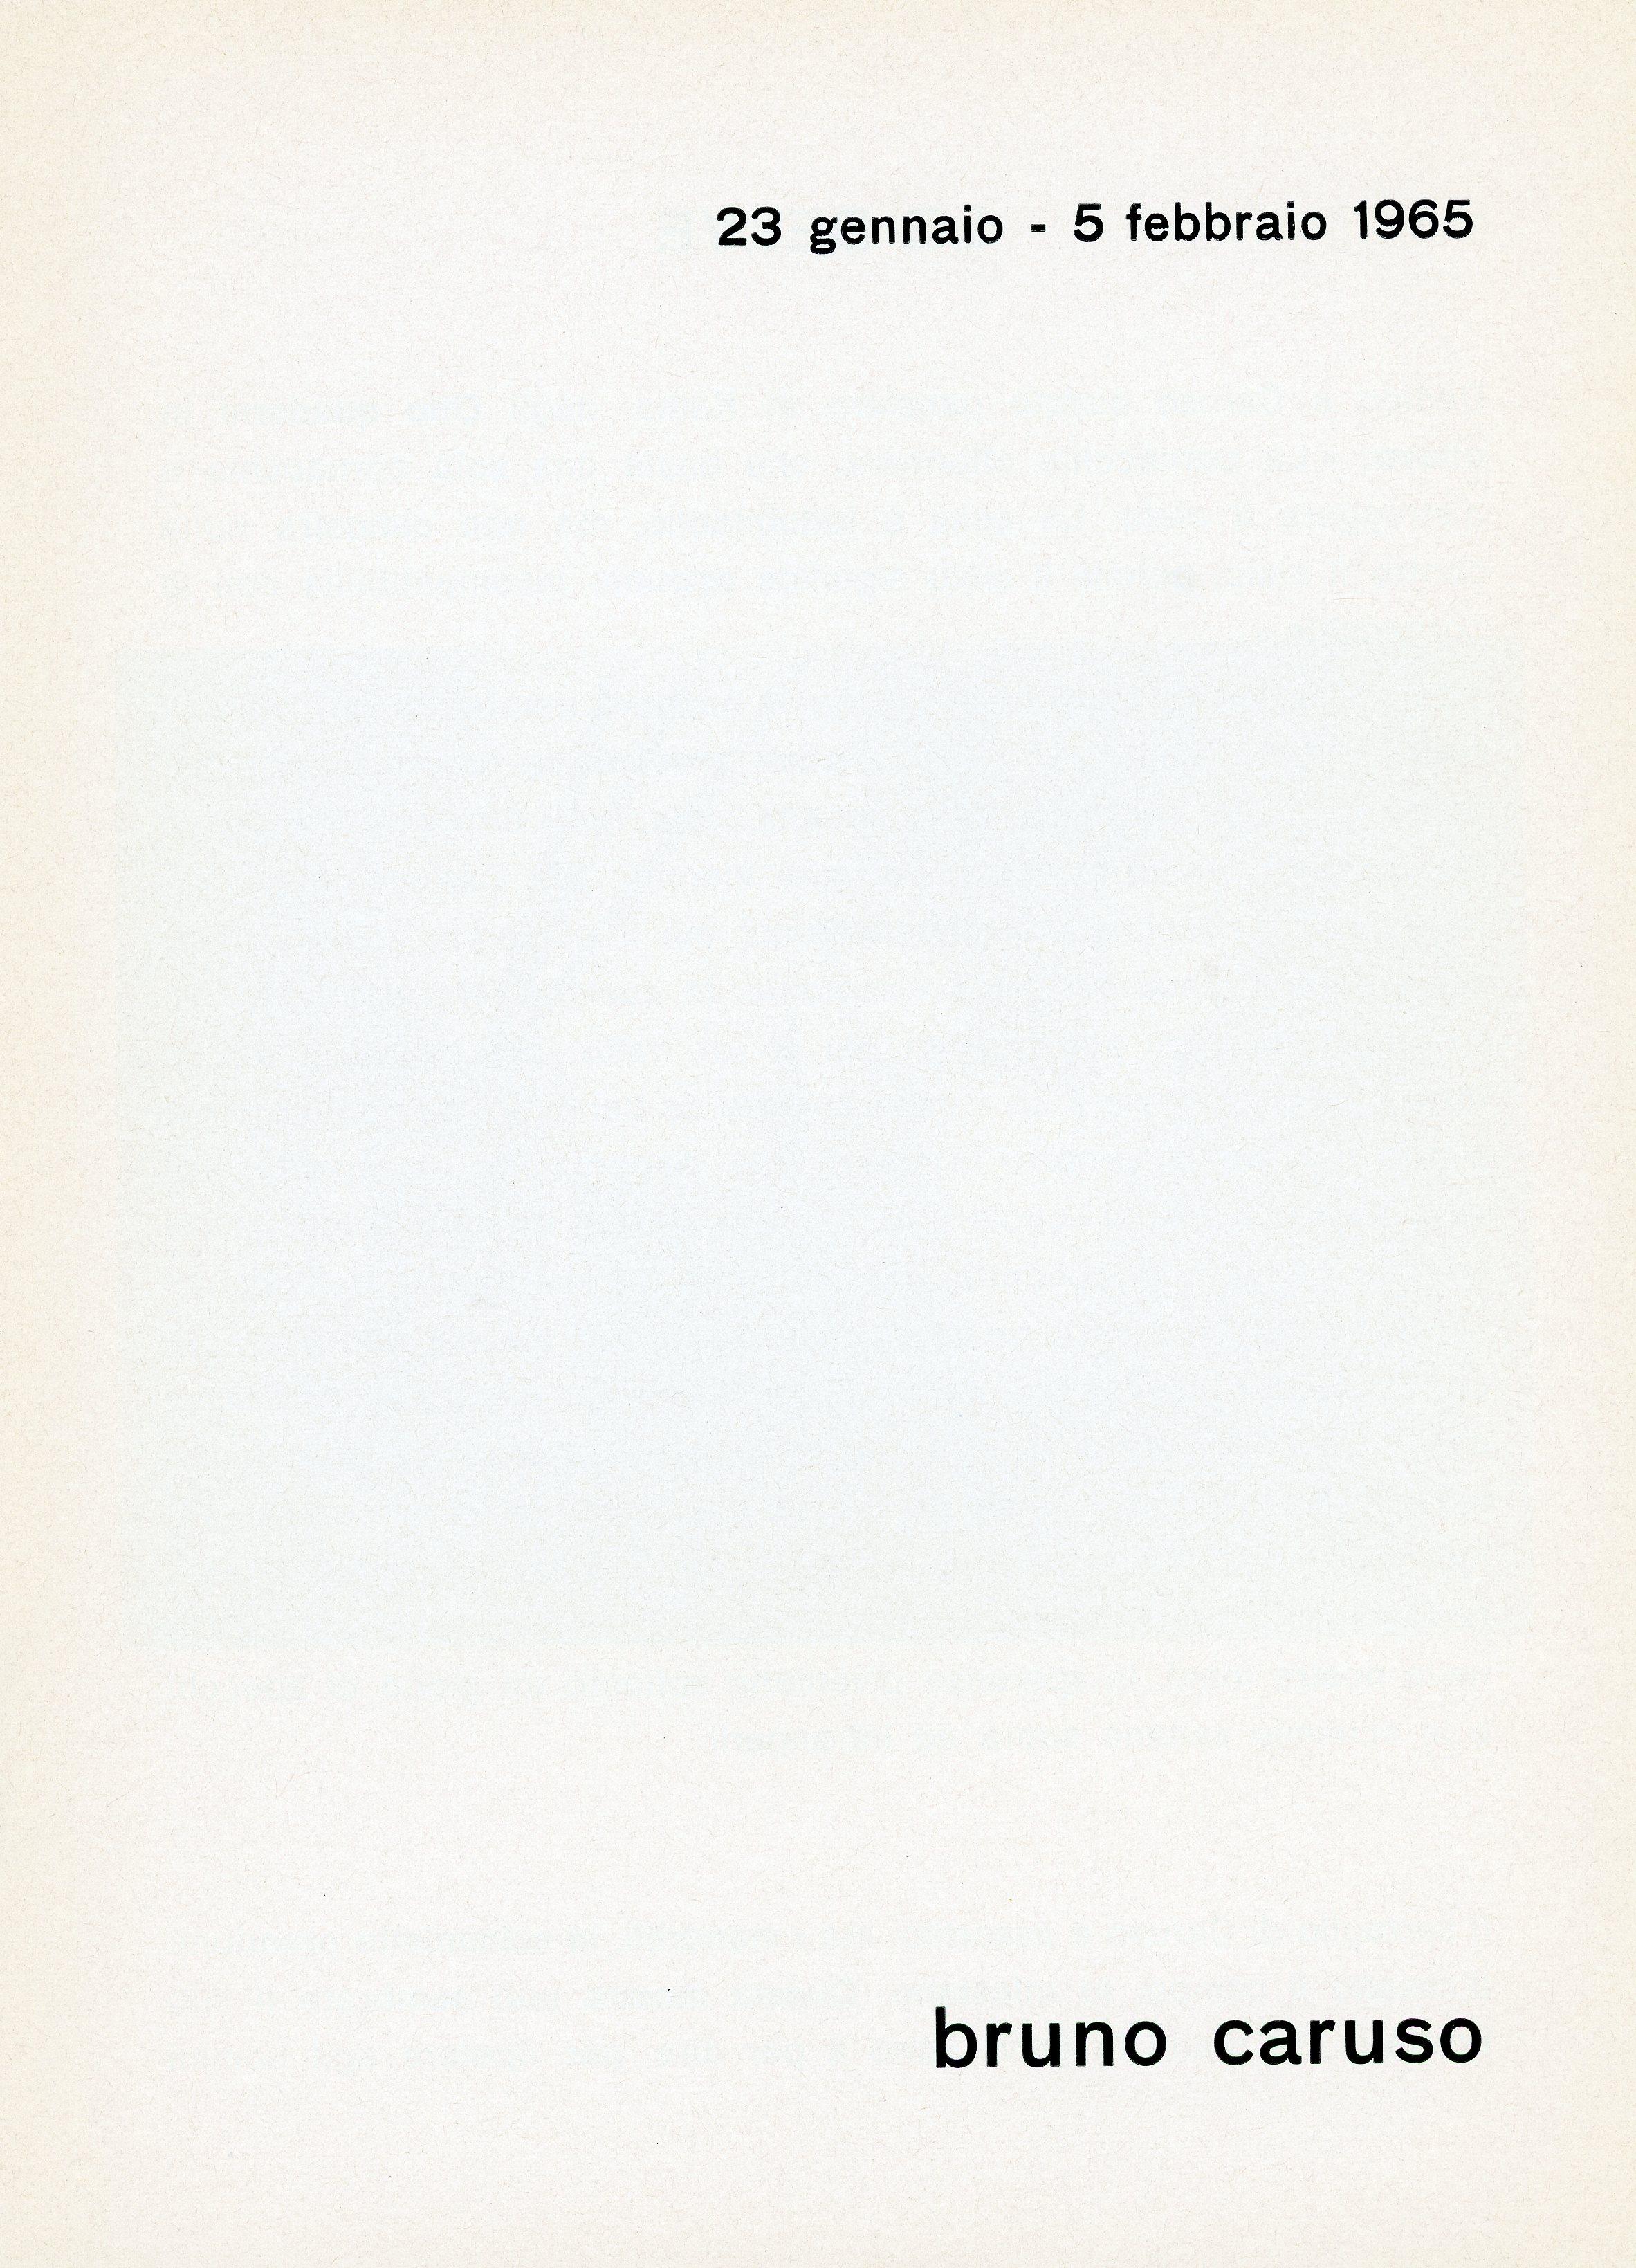 1965-01 Galleria 32 - Bruno Caruso_03.jpg